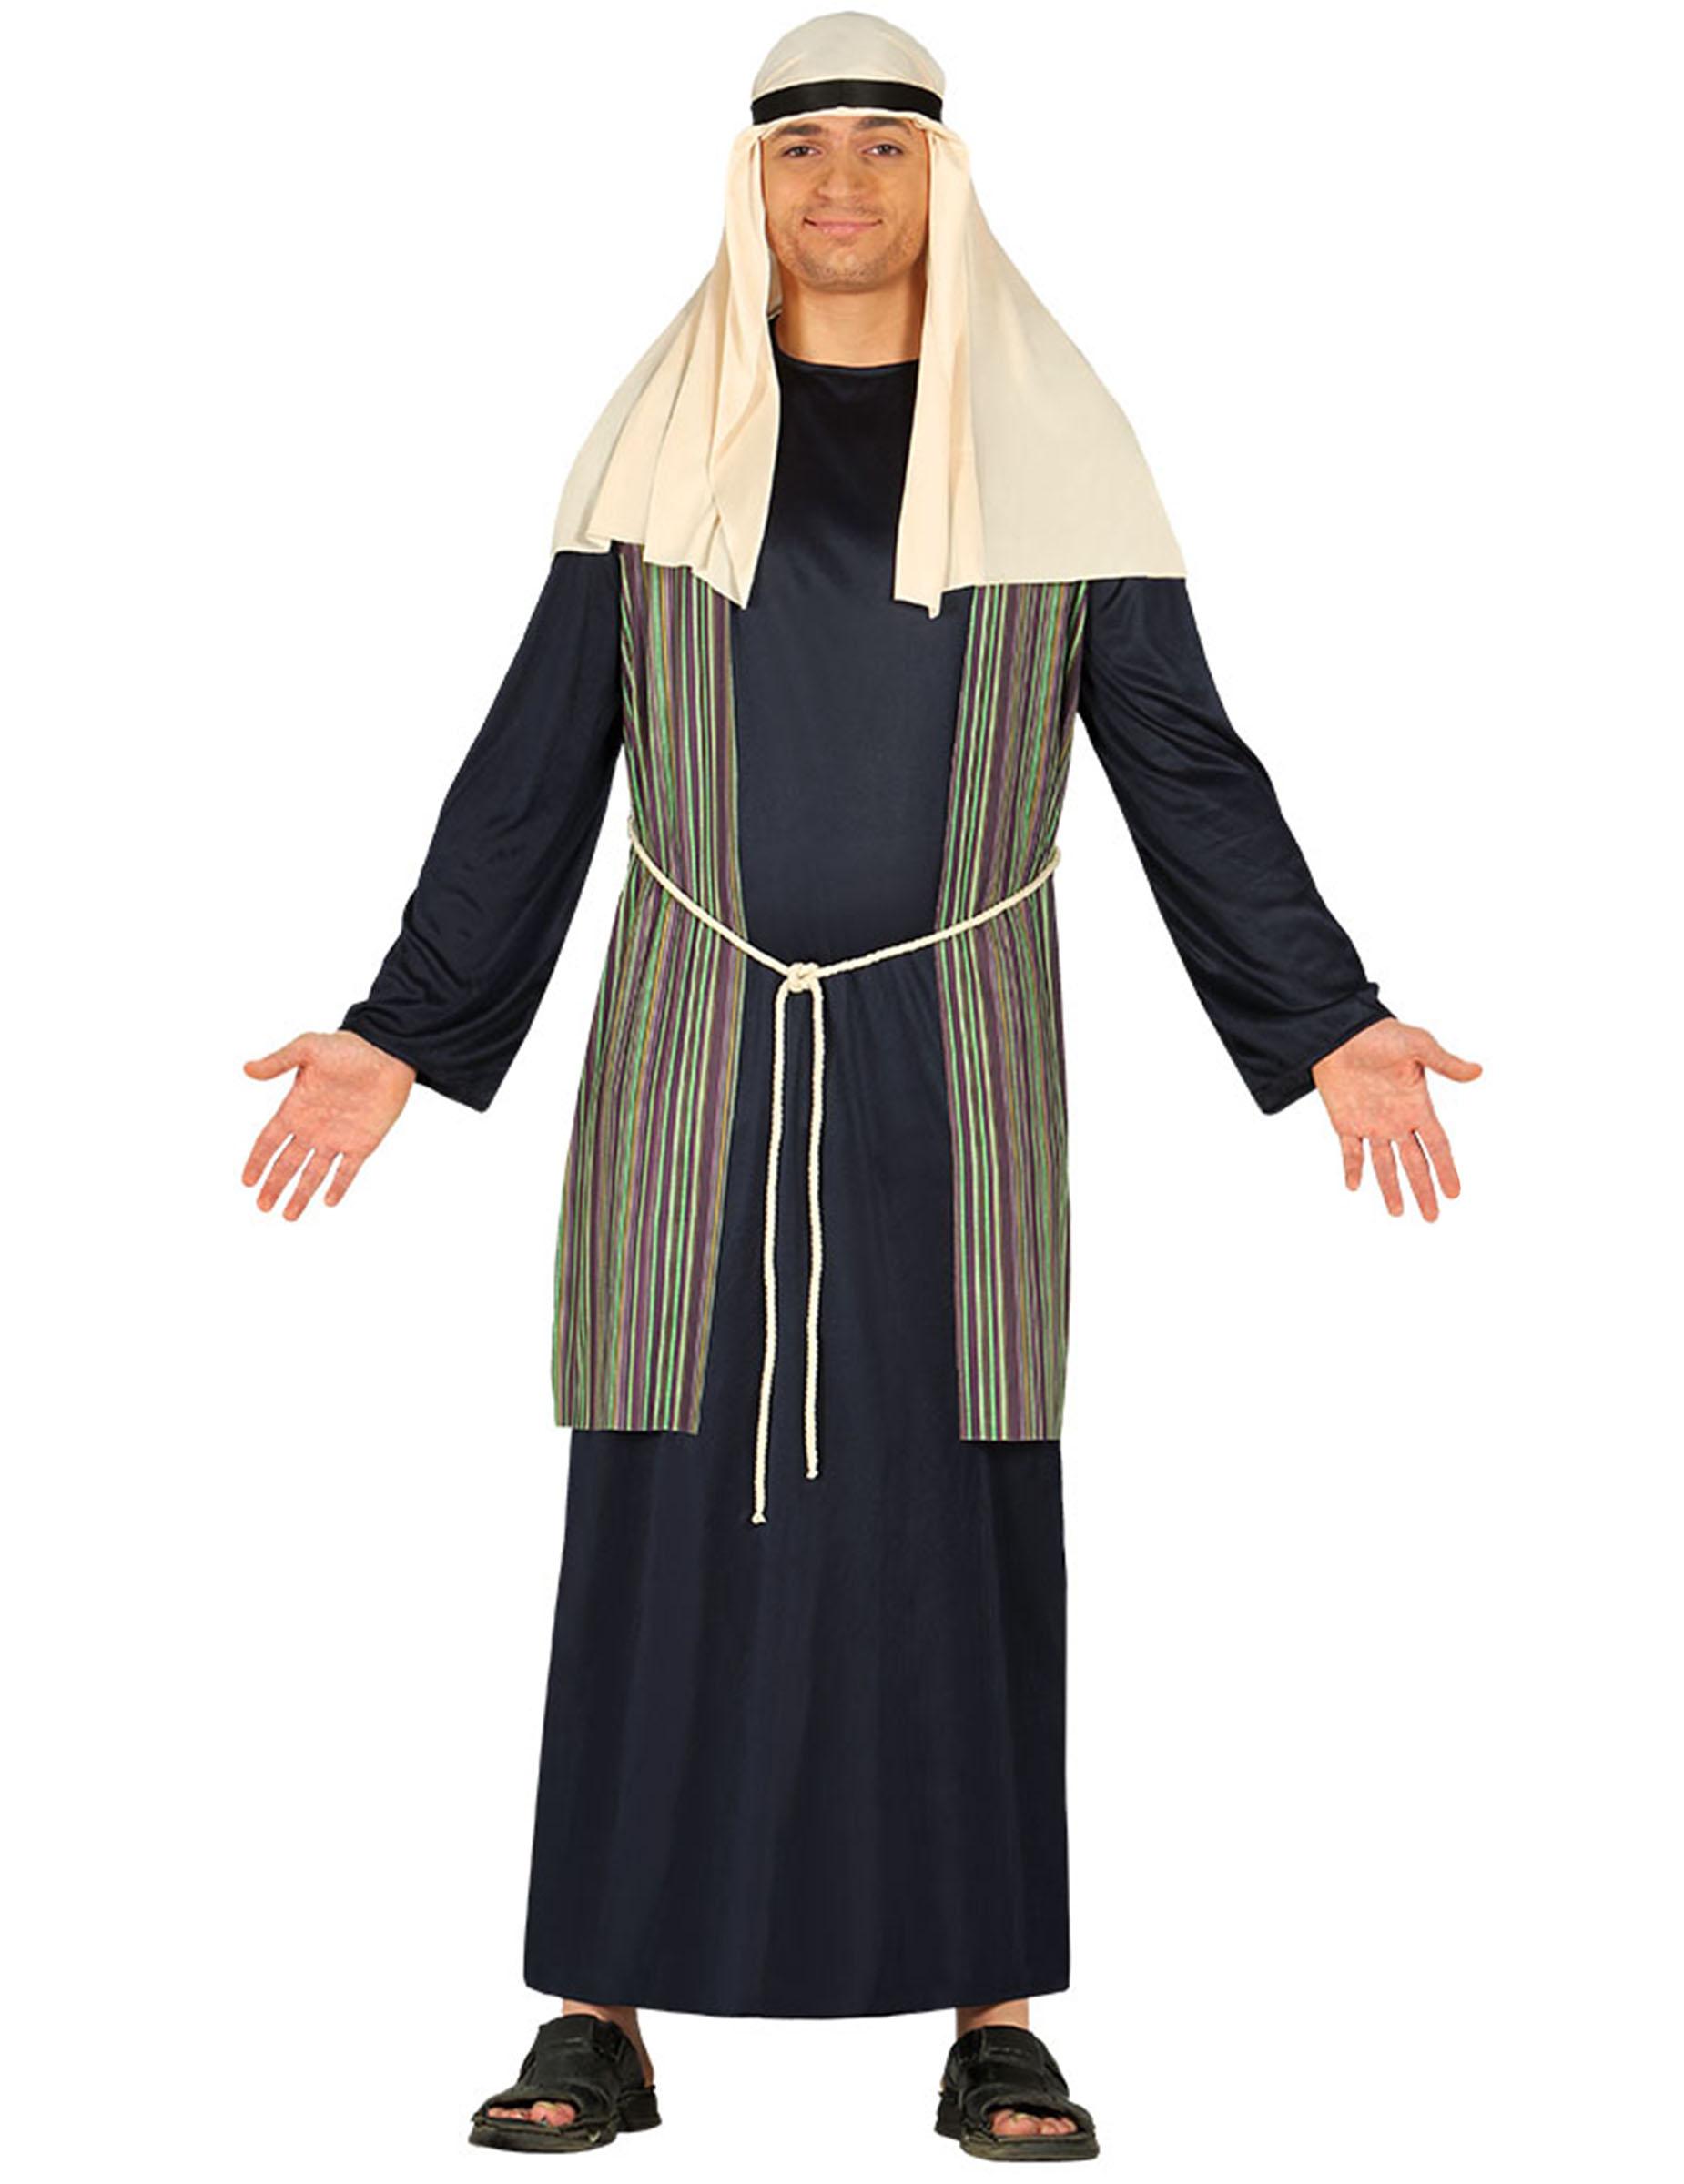 Hirten-Kostüm für Herren Weihnachtskrippe blau - L (52-54) 297261